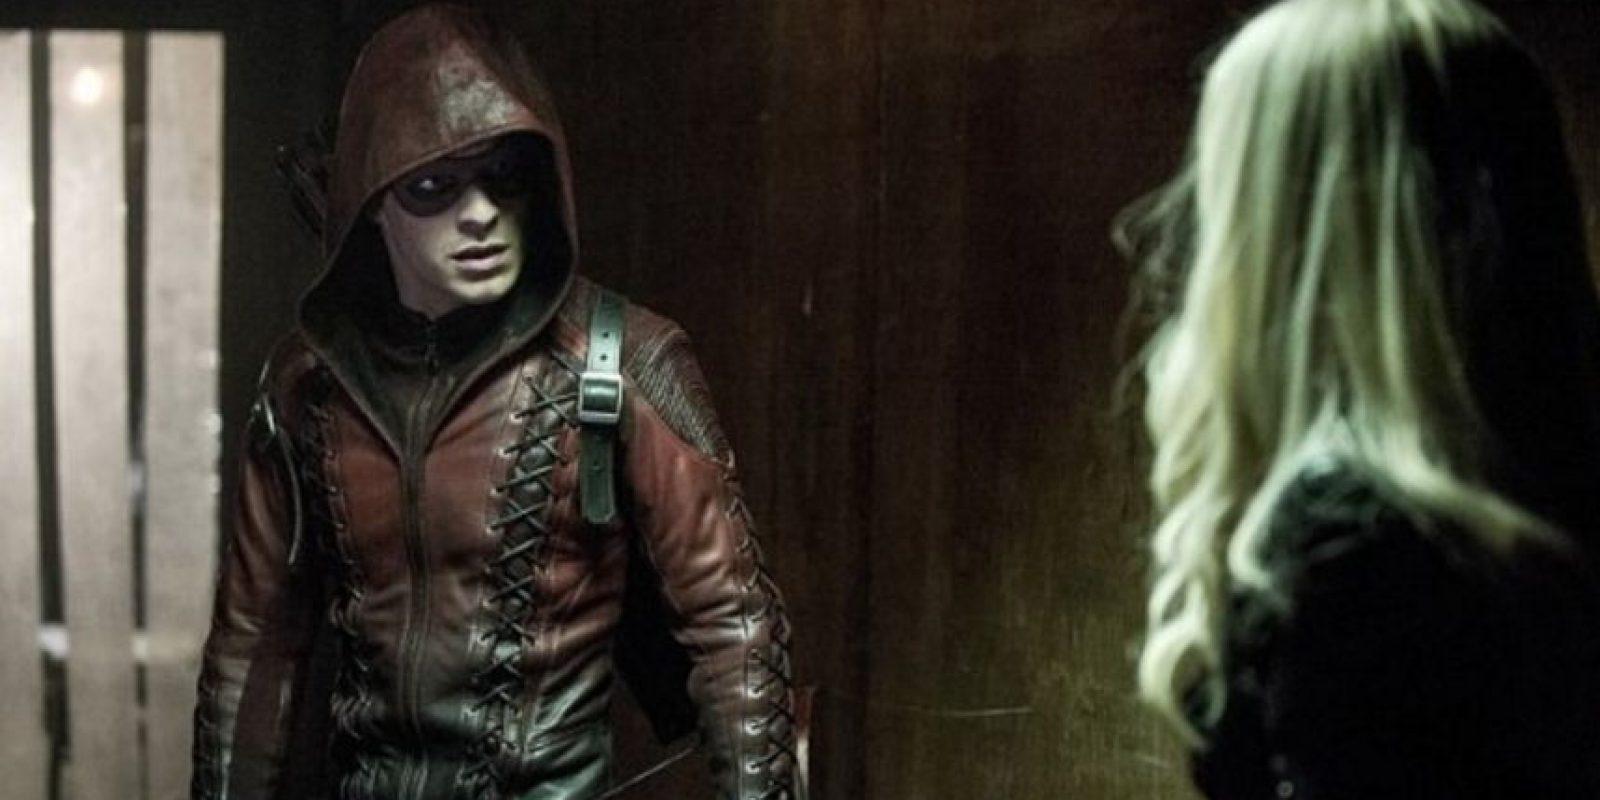 """Protagonista de la serie """"Arrow"""" Foto:Vía imbd. Imagen Por:"""